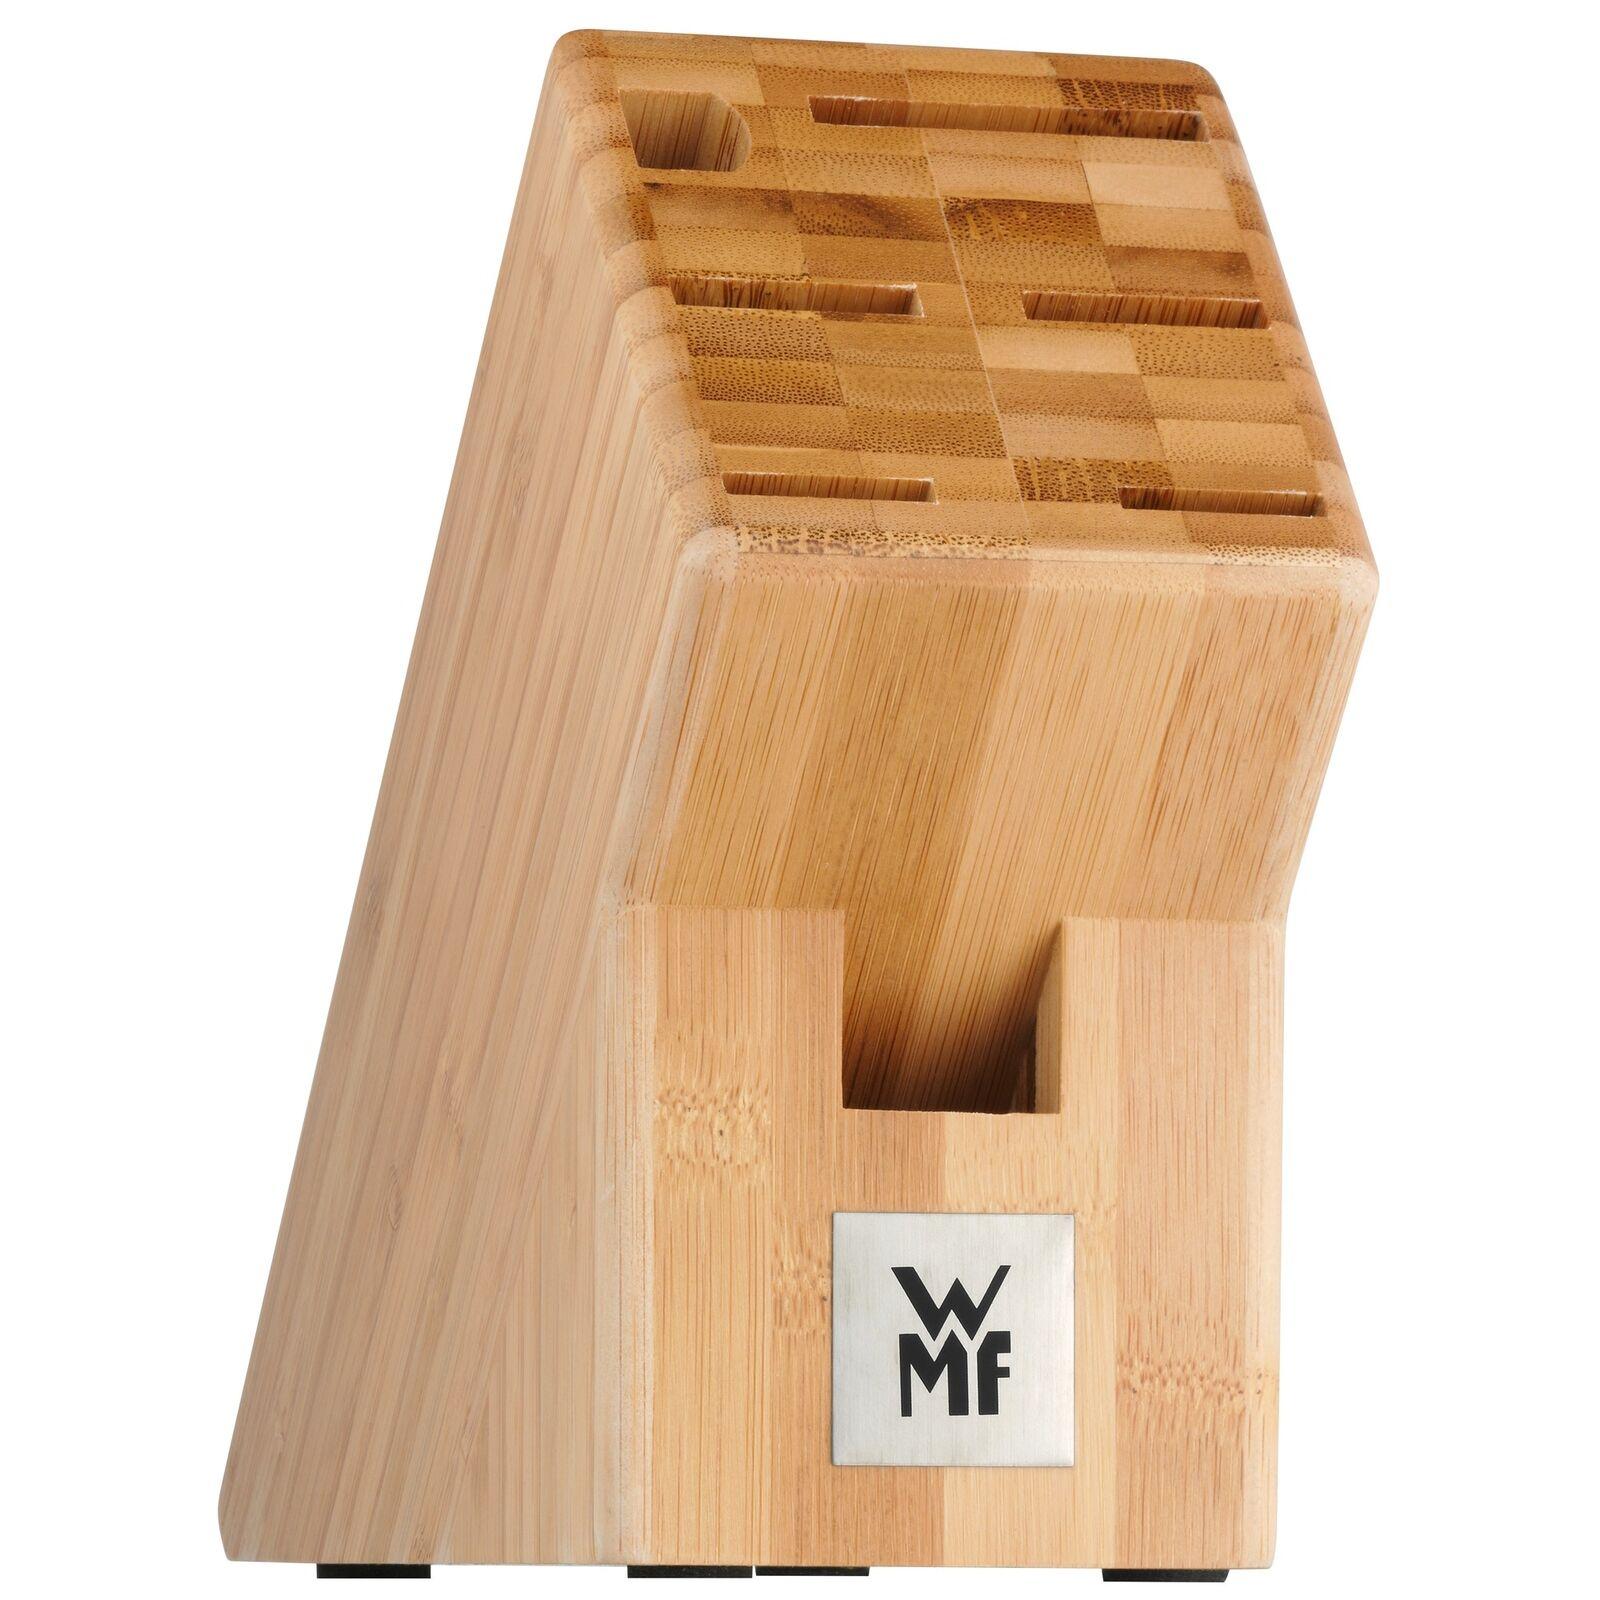 WMF Couteau Bloc Membré 8 pièces dentelle classe plus